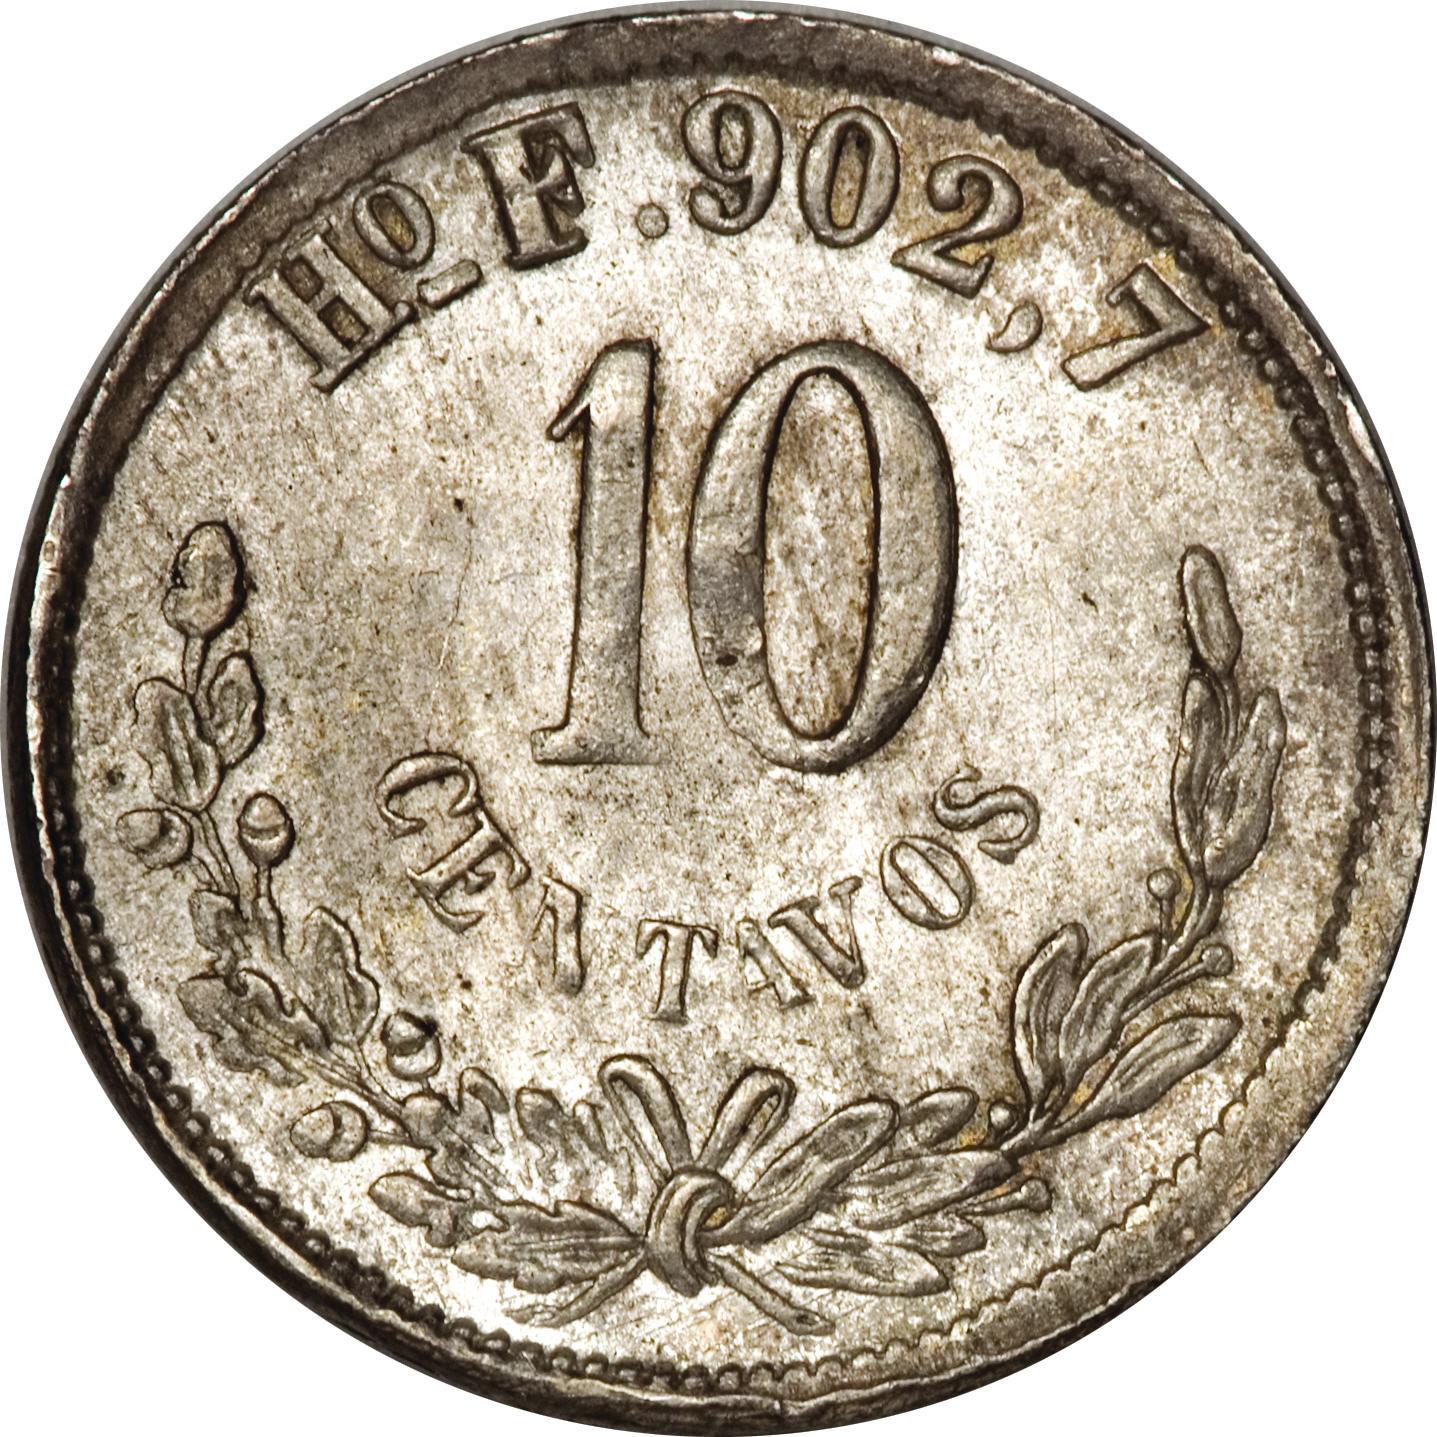 10 Centavos - Mexico – Numista